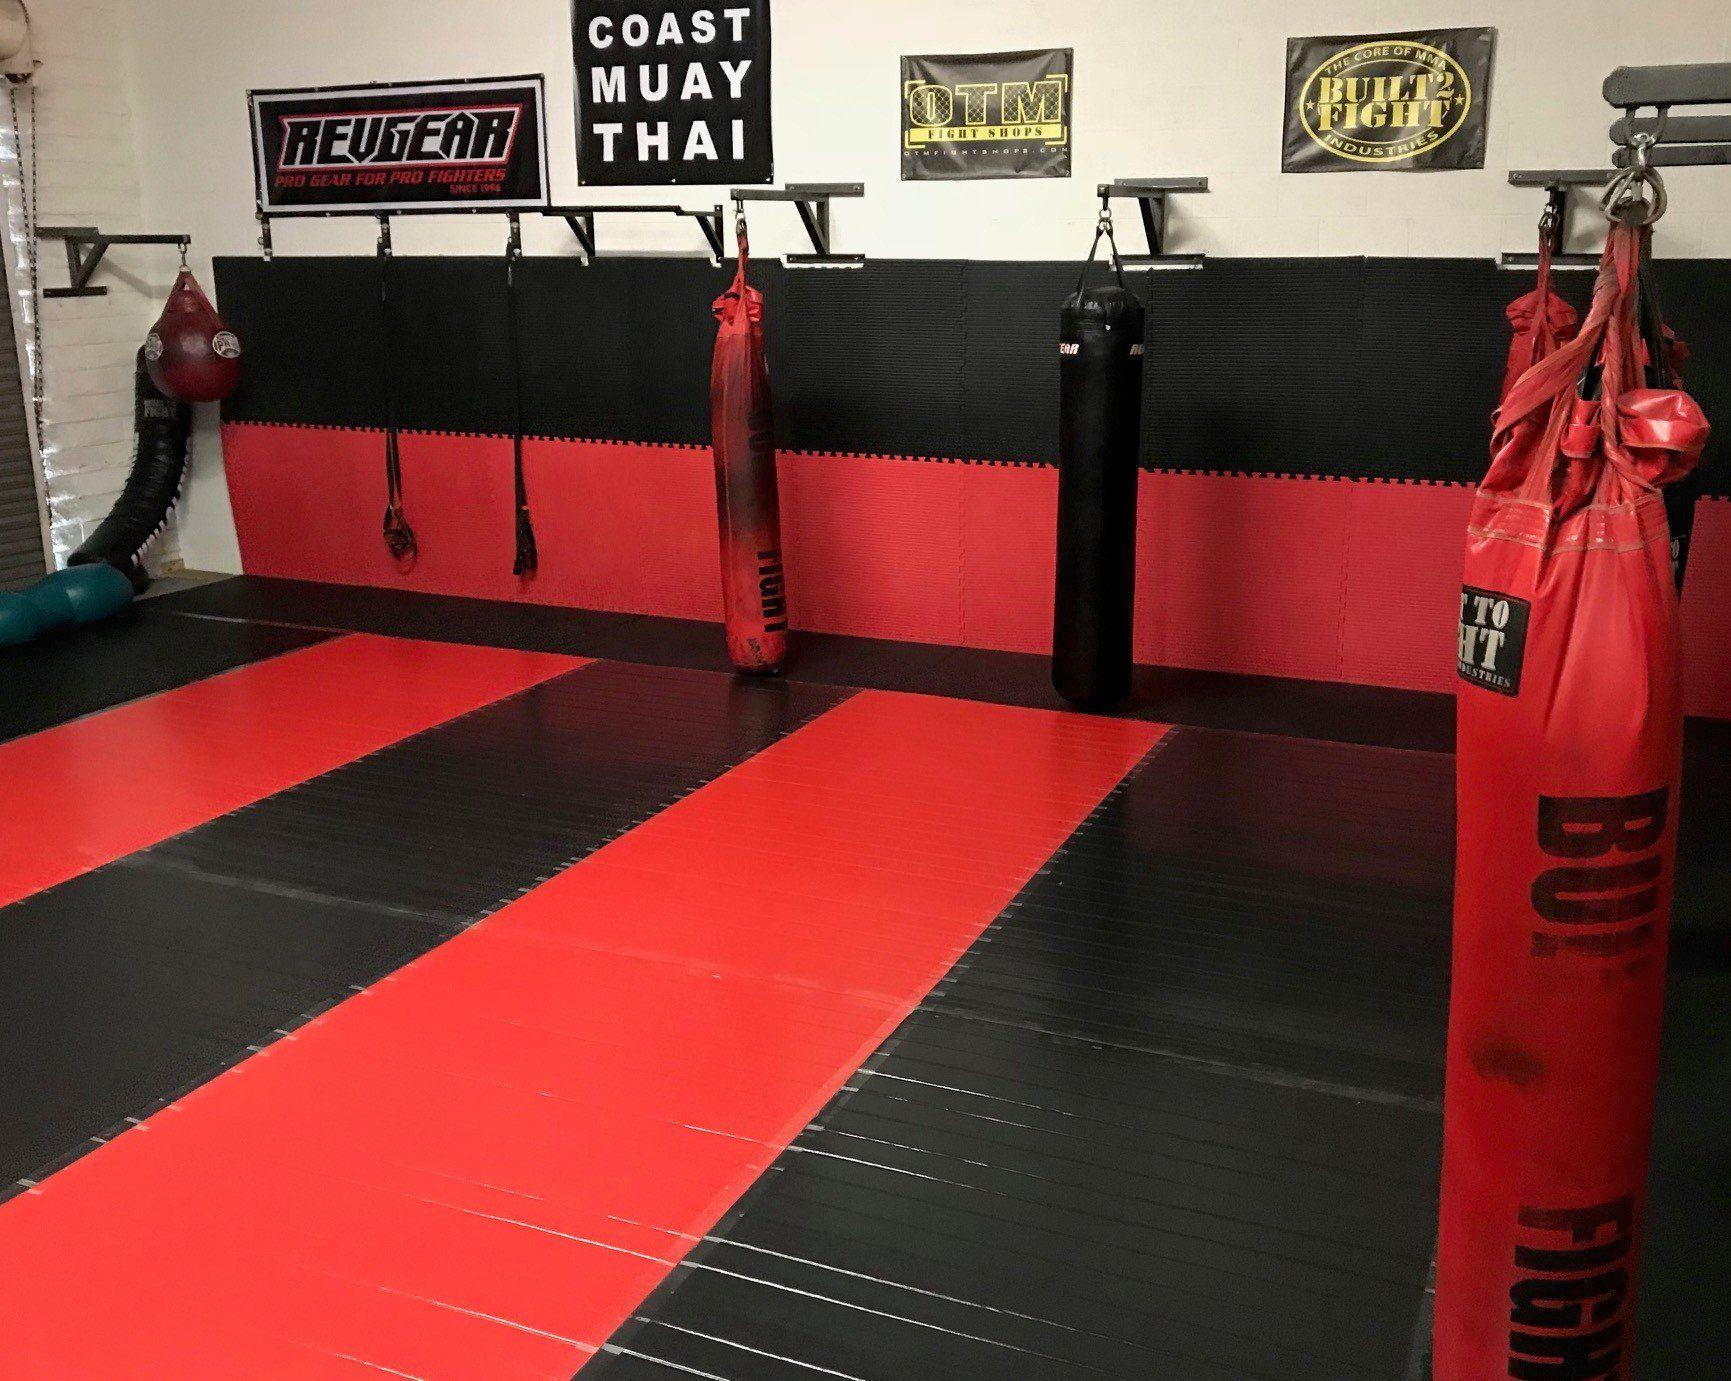 20 X 10 Roll Up Martial Arts Flooring Martial Arts Workout Martial Arts Floor Martial Arts